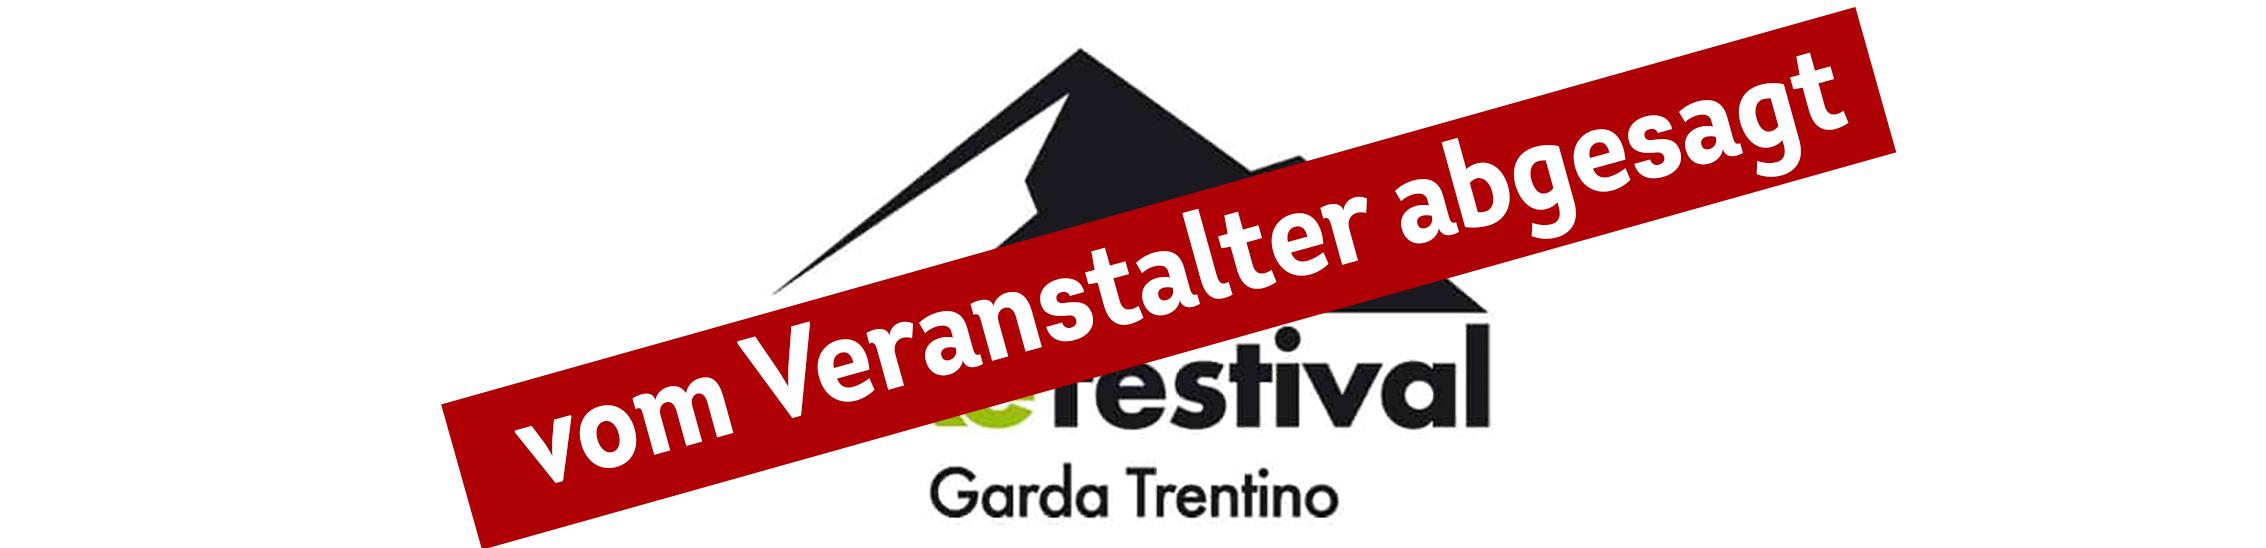 FSA Bike Festival Garda Trentino